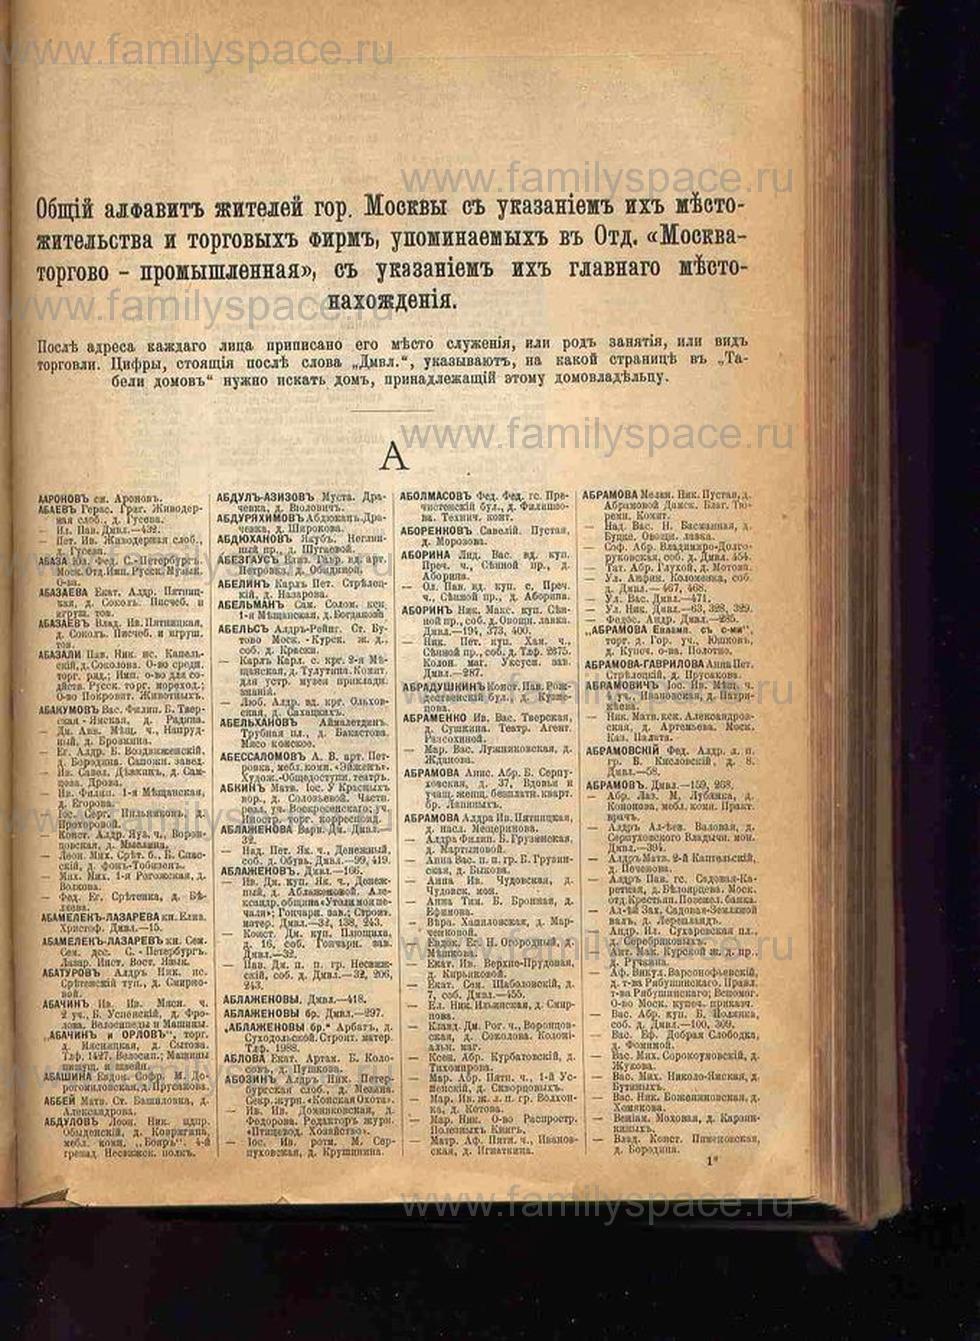 Поиск по фамилии - Москва - 1901, страница 3